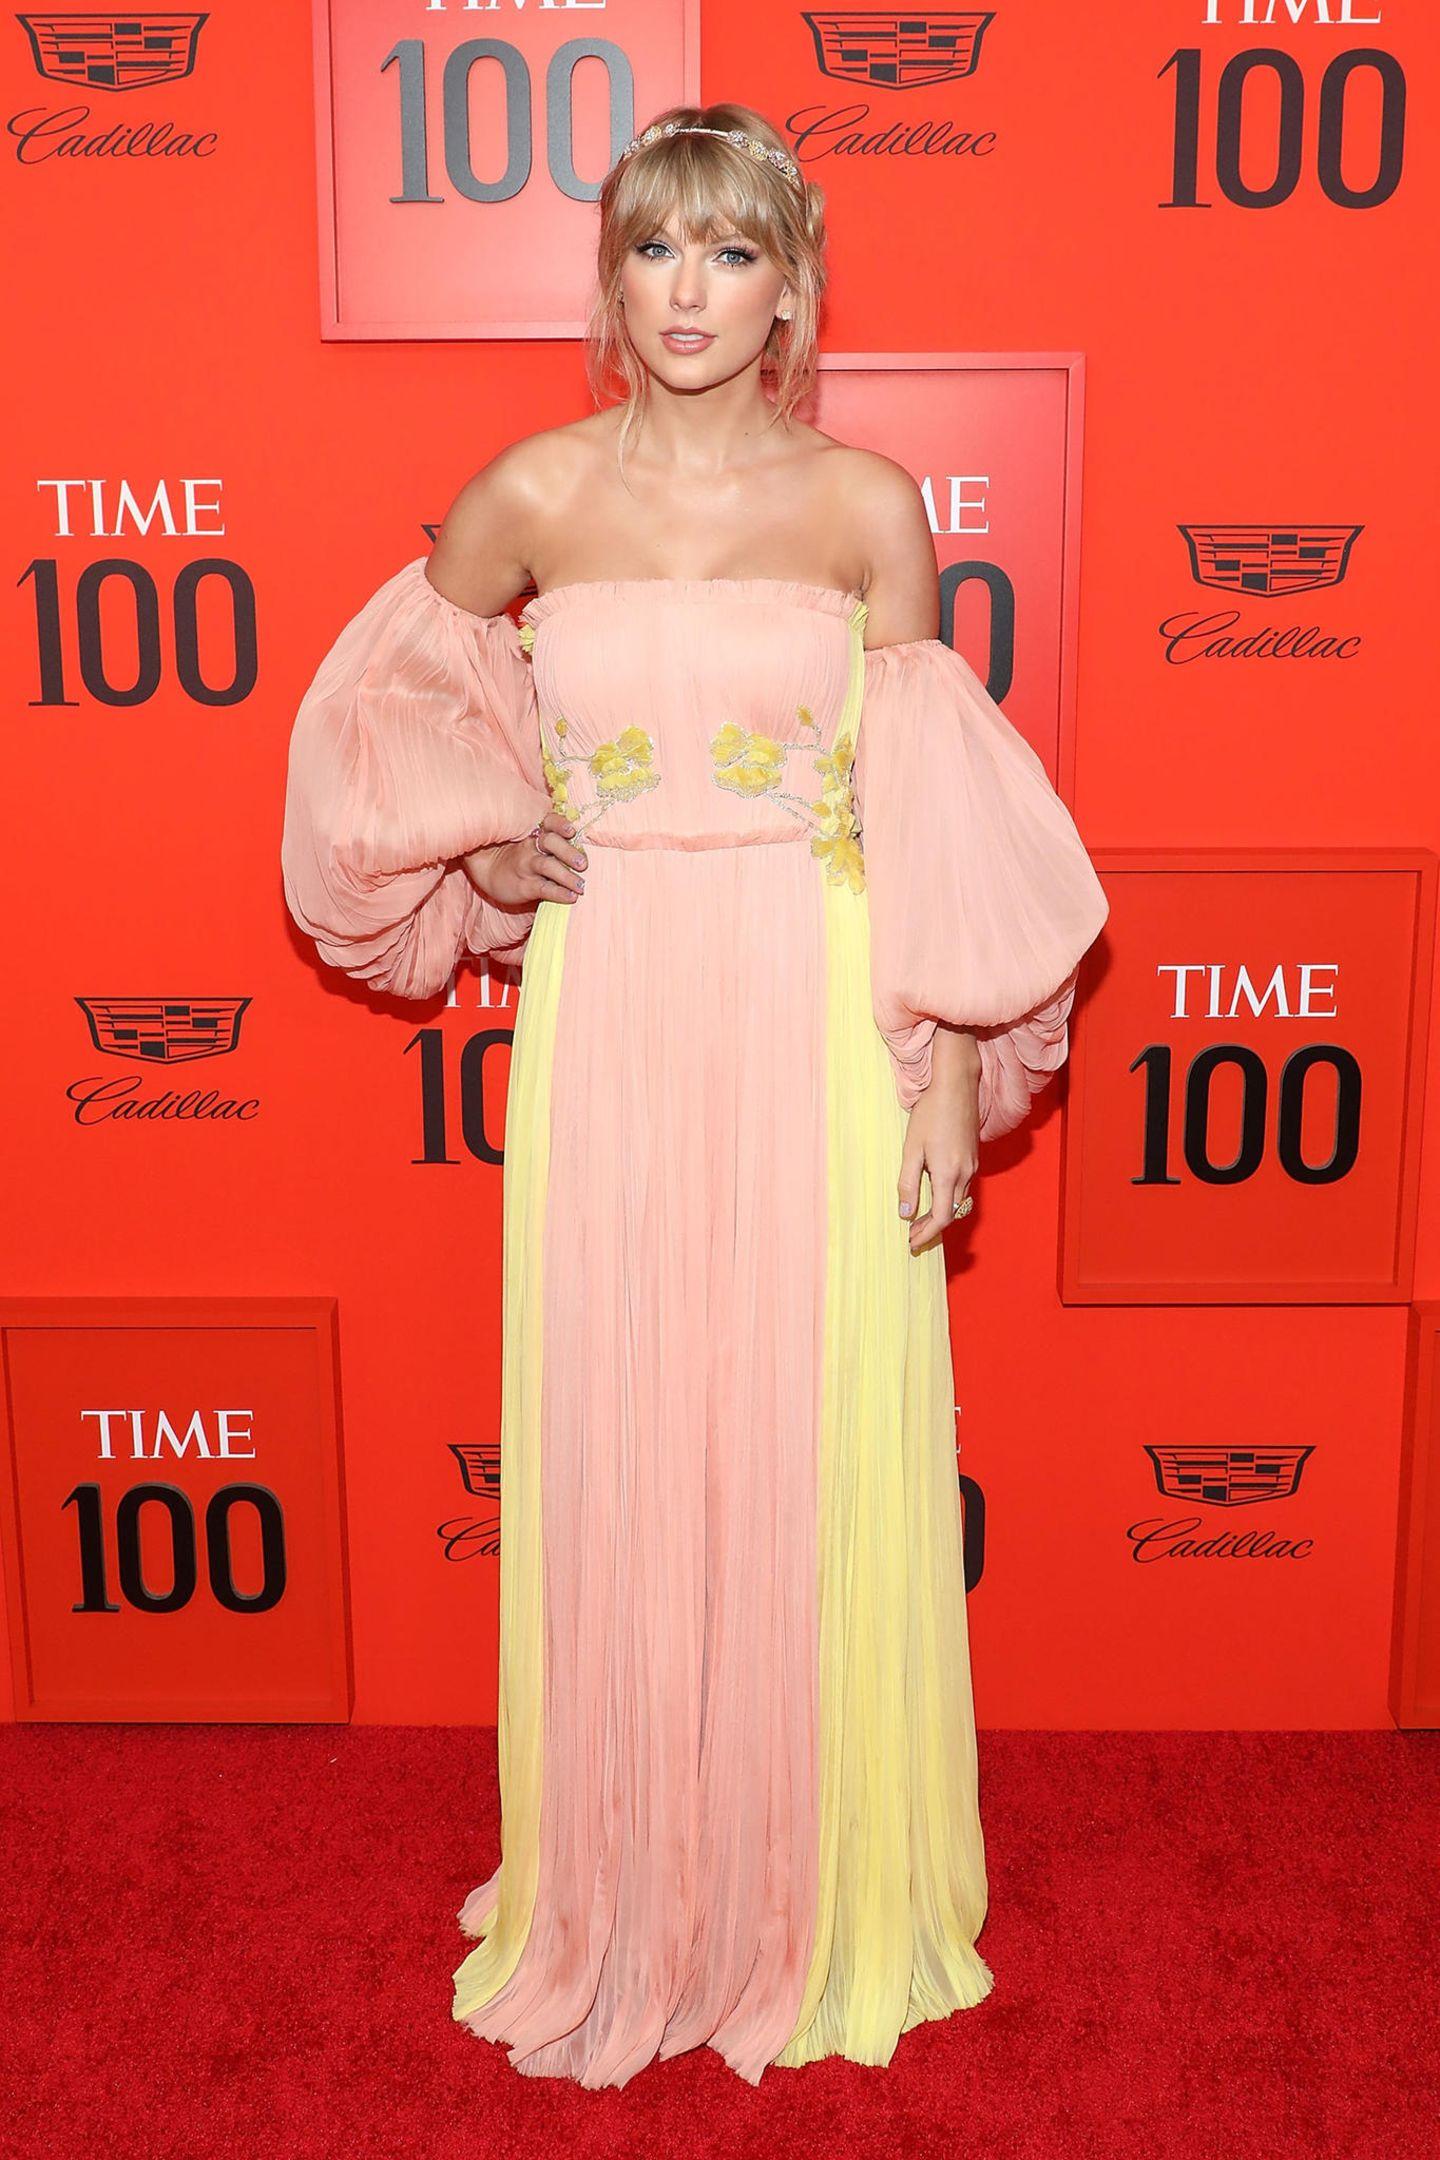 Musikerin Taylor Swift bleibt ihrem romantisch-femininen Stil treu und begeistert in einem Pastellkleid von J. Mendel auf dem roten Teppich.